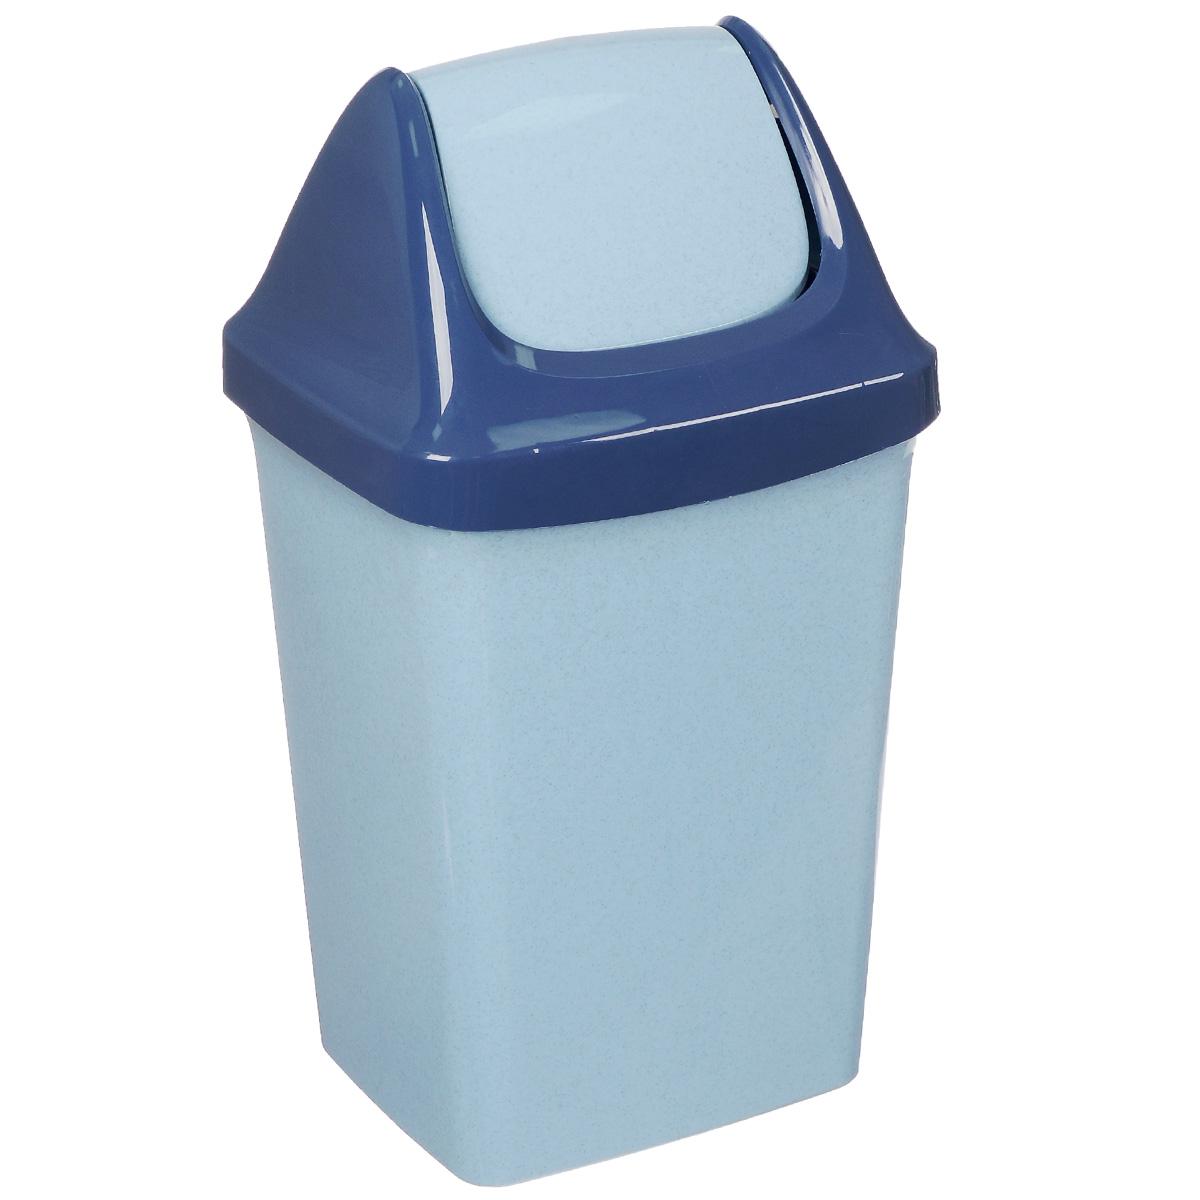 Контейнер для мусора Idea Свинг, цвет: голубой мрамор, 15 лМ 2462Контейнер для мусора Idea Свинг изготовлен из прочного полипропилена (пластика). Контейнер снабжен удобной съемной крышкой с подвижной перегородкой. Благодаря лаконичному дизайну такой контейнер идеально впишется в интерьер и дома, и офиса.